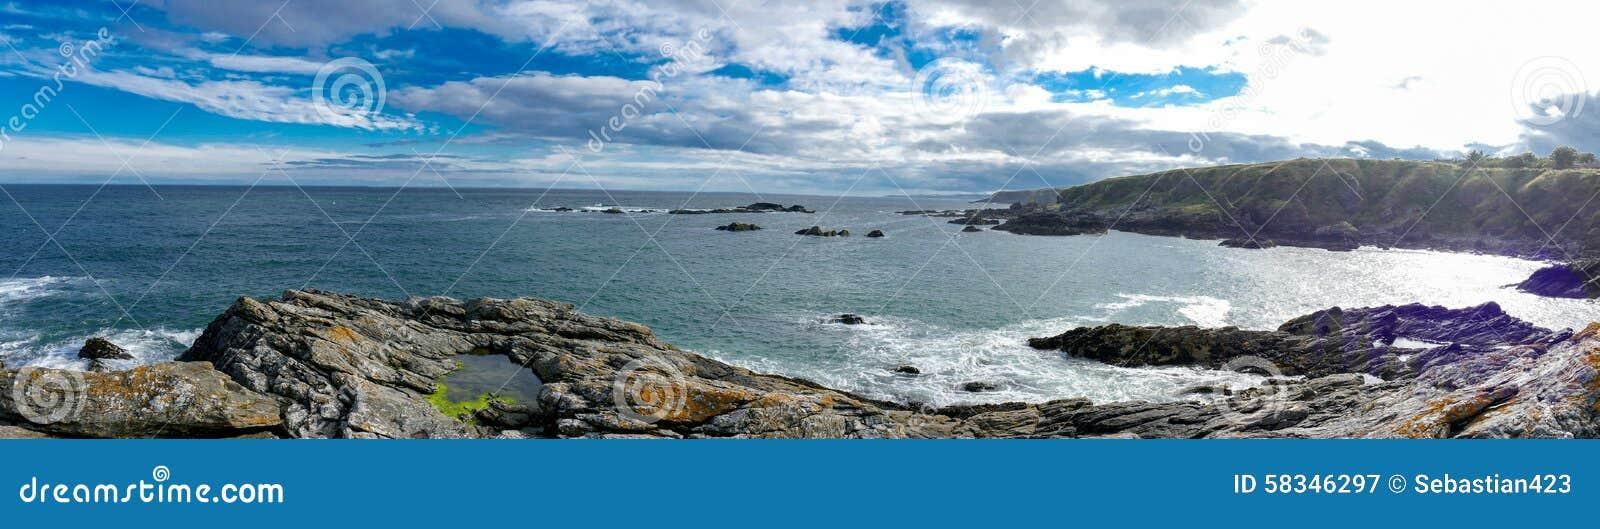 Côte Est de rivage rocheux de l Ecosse - photo de panorama